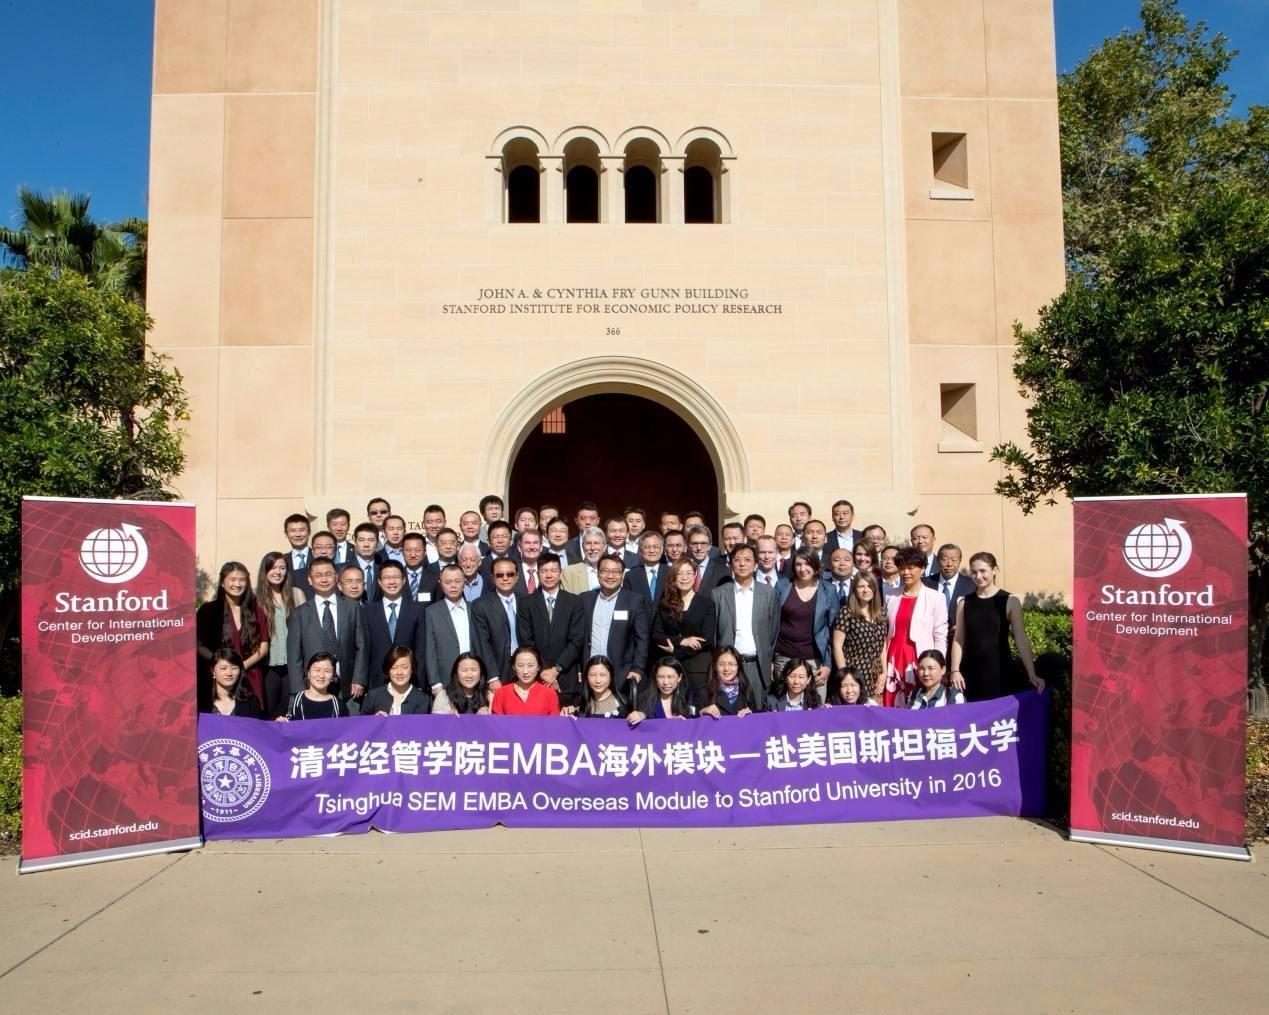 清华大学经济管理学院EMBA海外模块-美国斯坦福大学